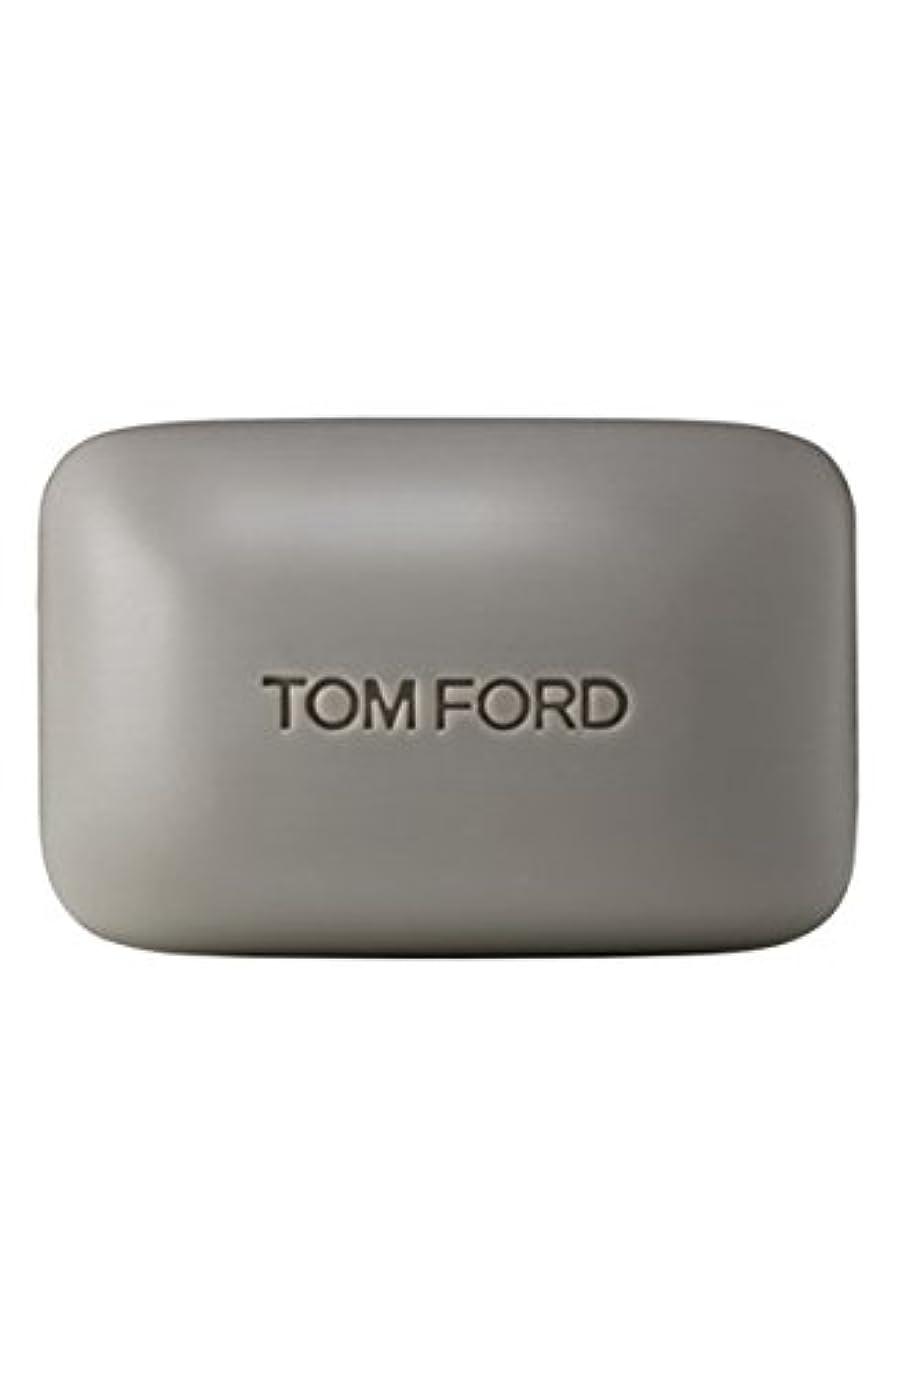 失う舌な谷Tom Ford Private Blend 'Oud Wood' (トムフォード プライベートブレンド オードウッド) 5.5 oz (165ml) Bar Soap (固形石鹸)